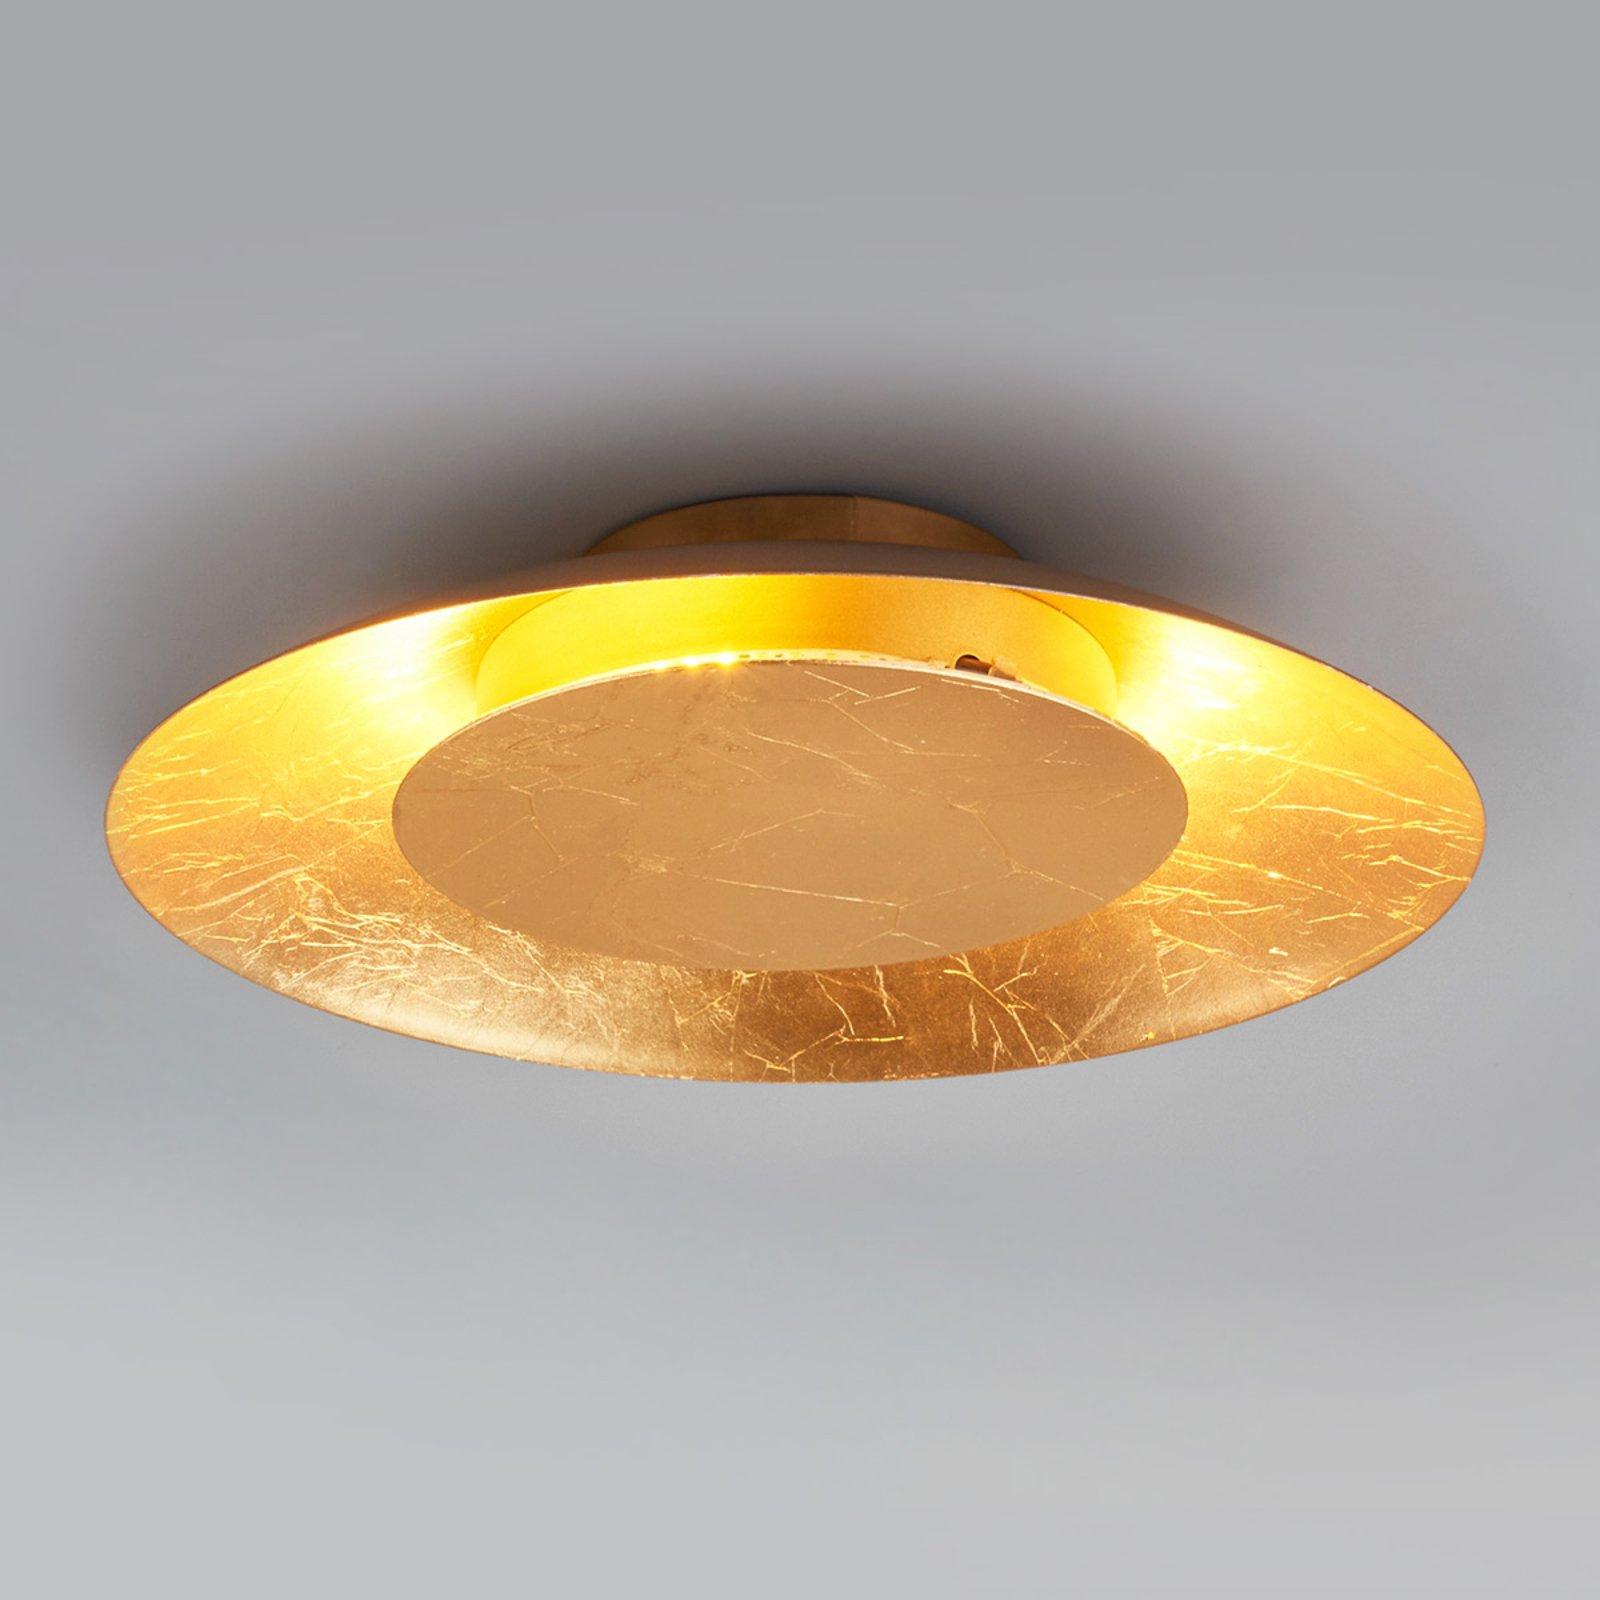 LED-taklampe Keti i gull-optikk, Ø 34,5 cm